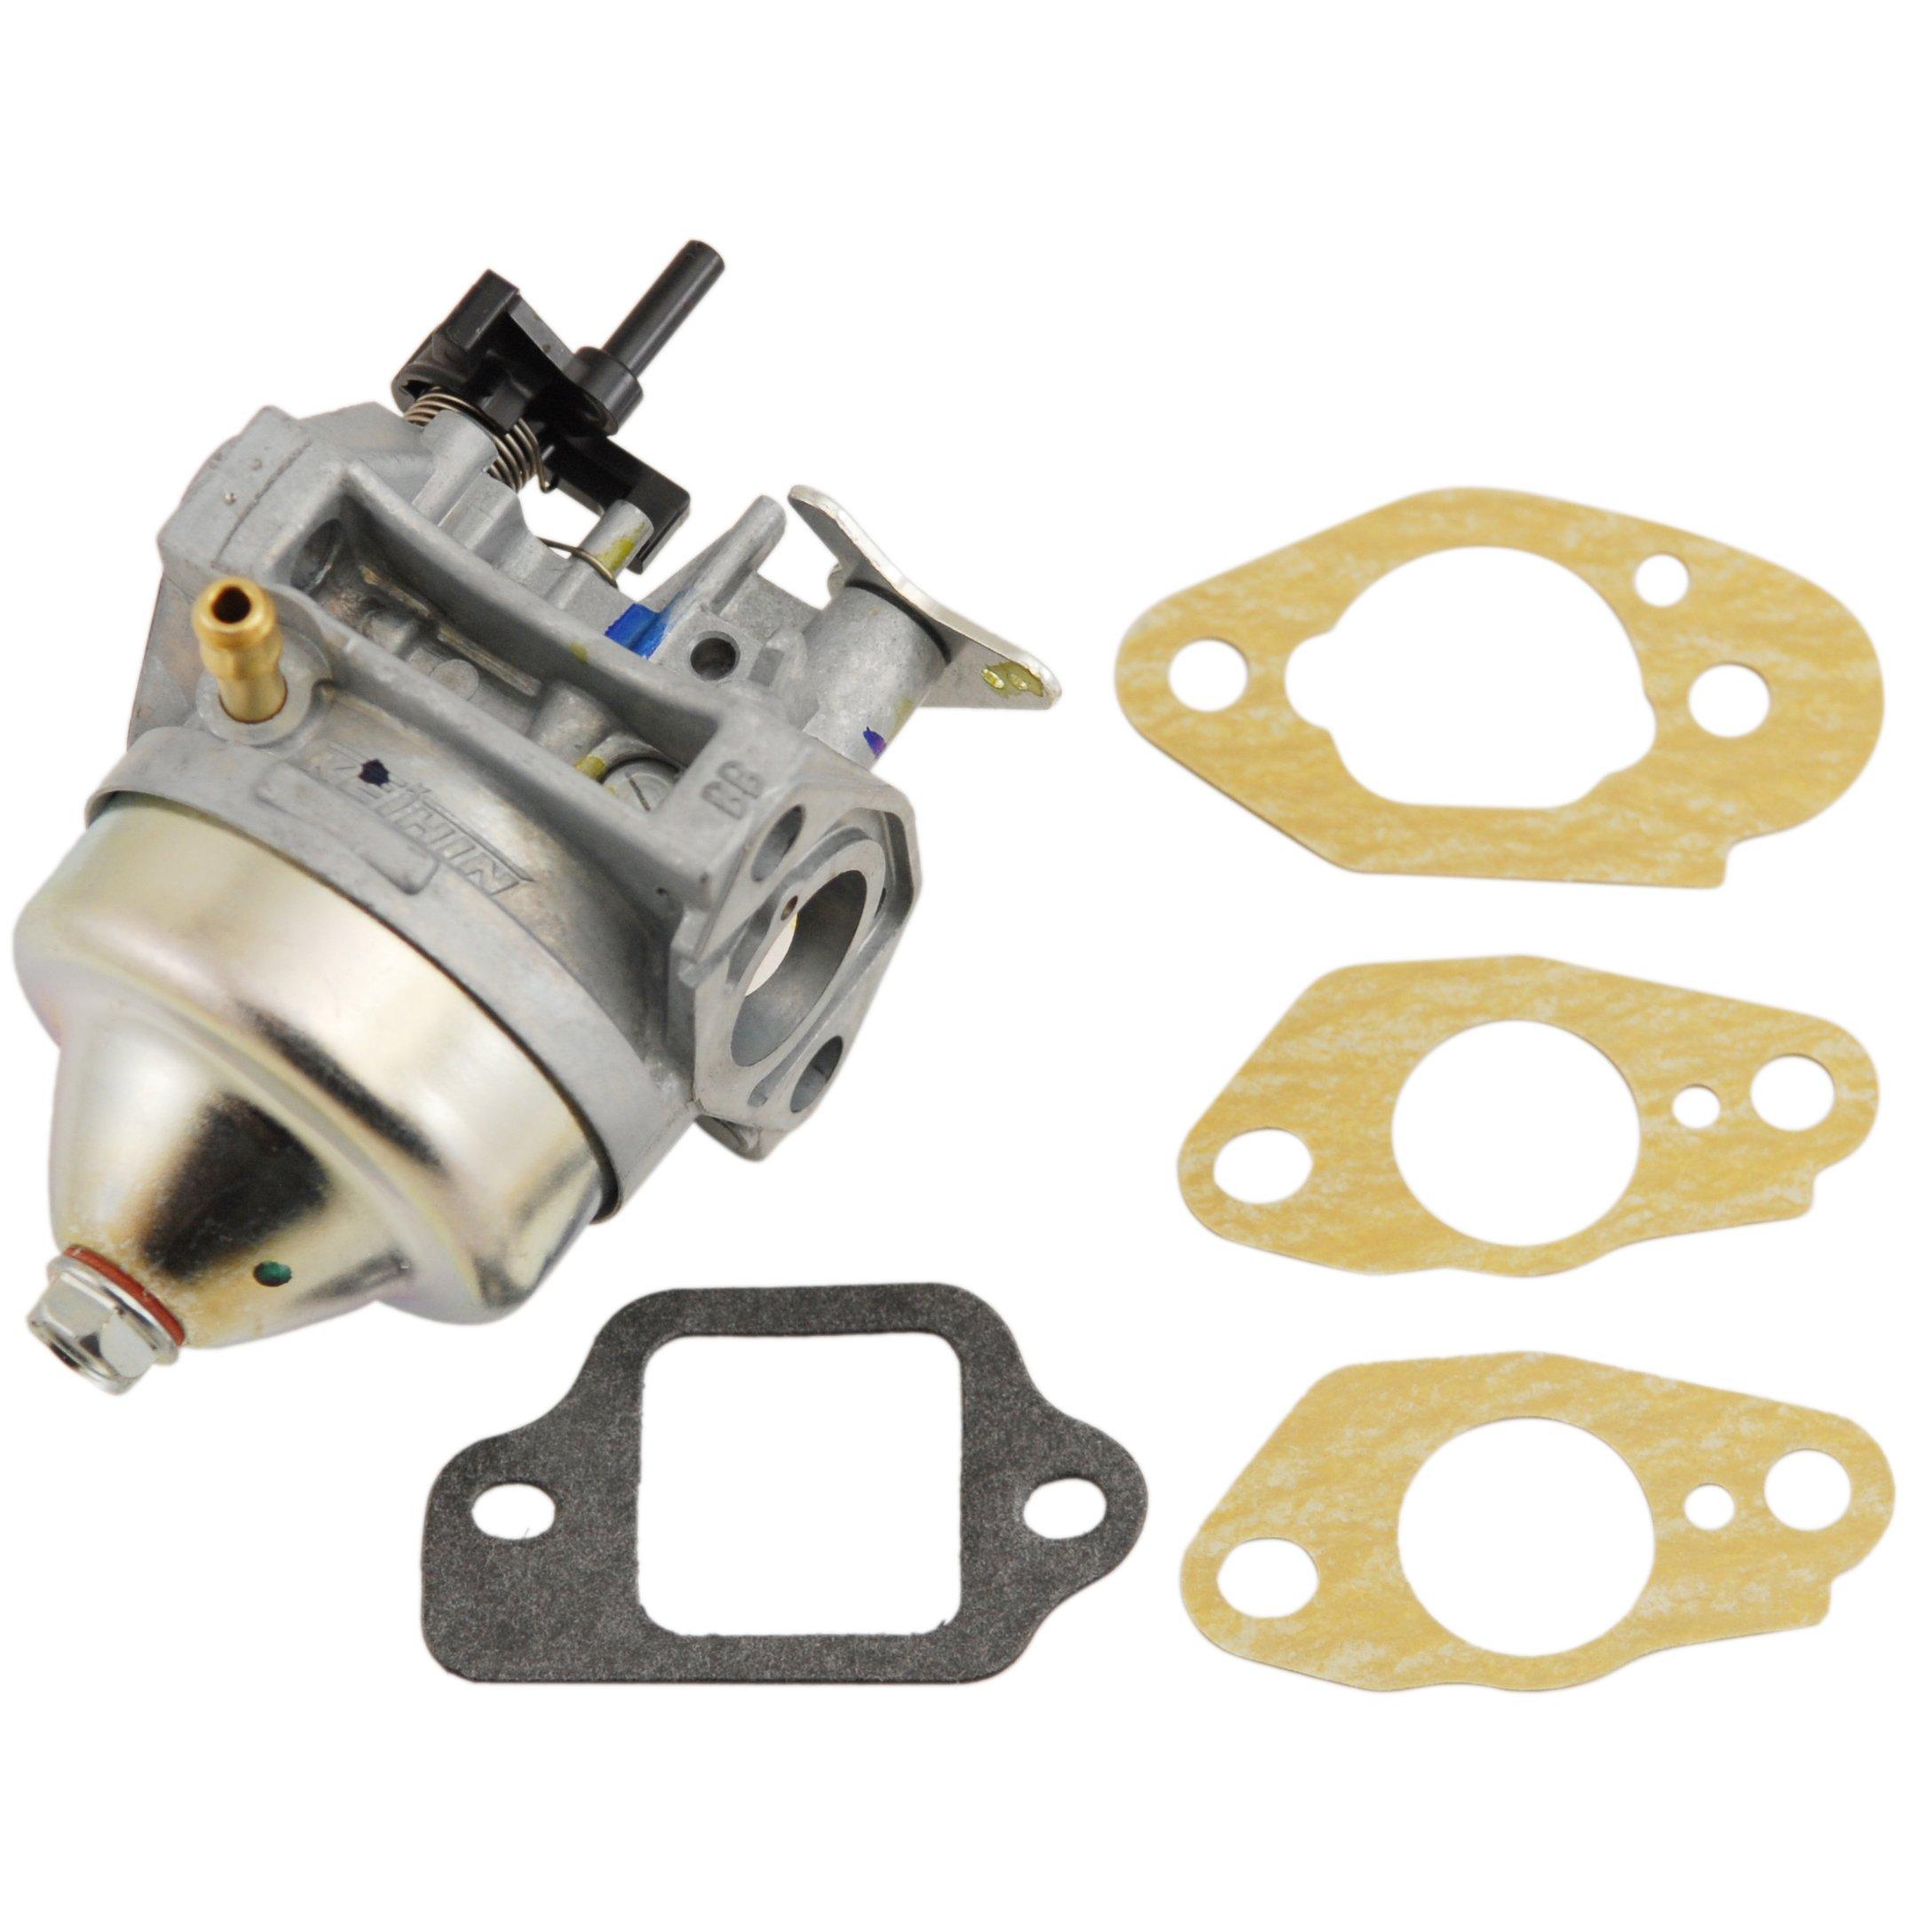 Honda Carburetor 16100-Z0L-853 and Gasket Set 16221-883-800(2), 16212-ZL8-000, 16228-ZL8-000